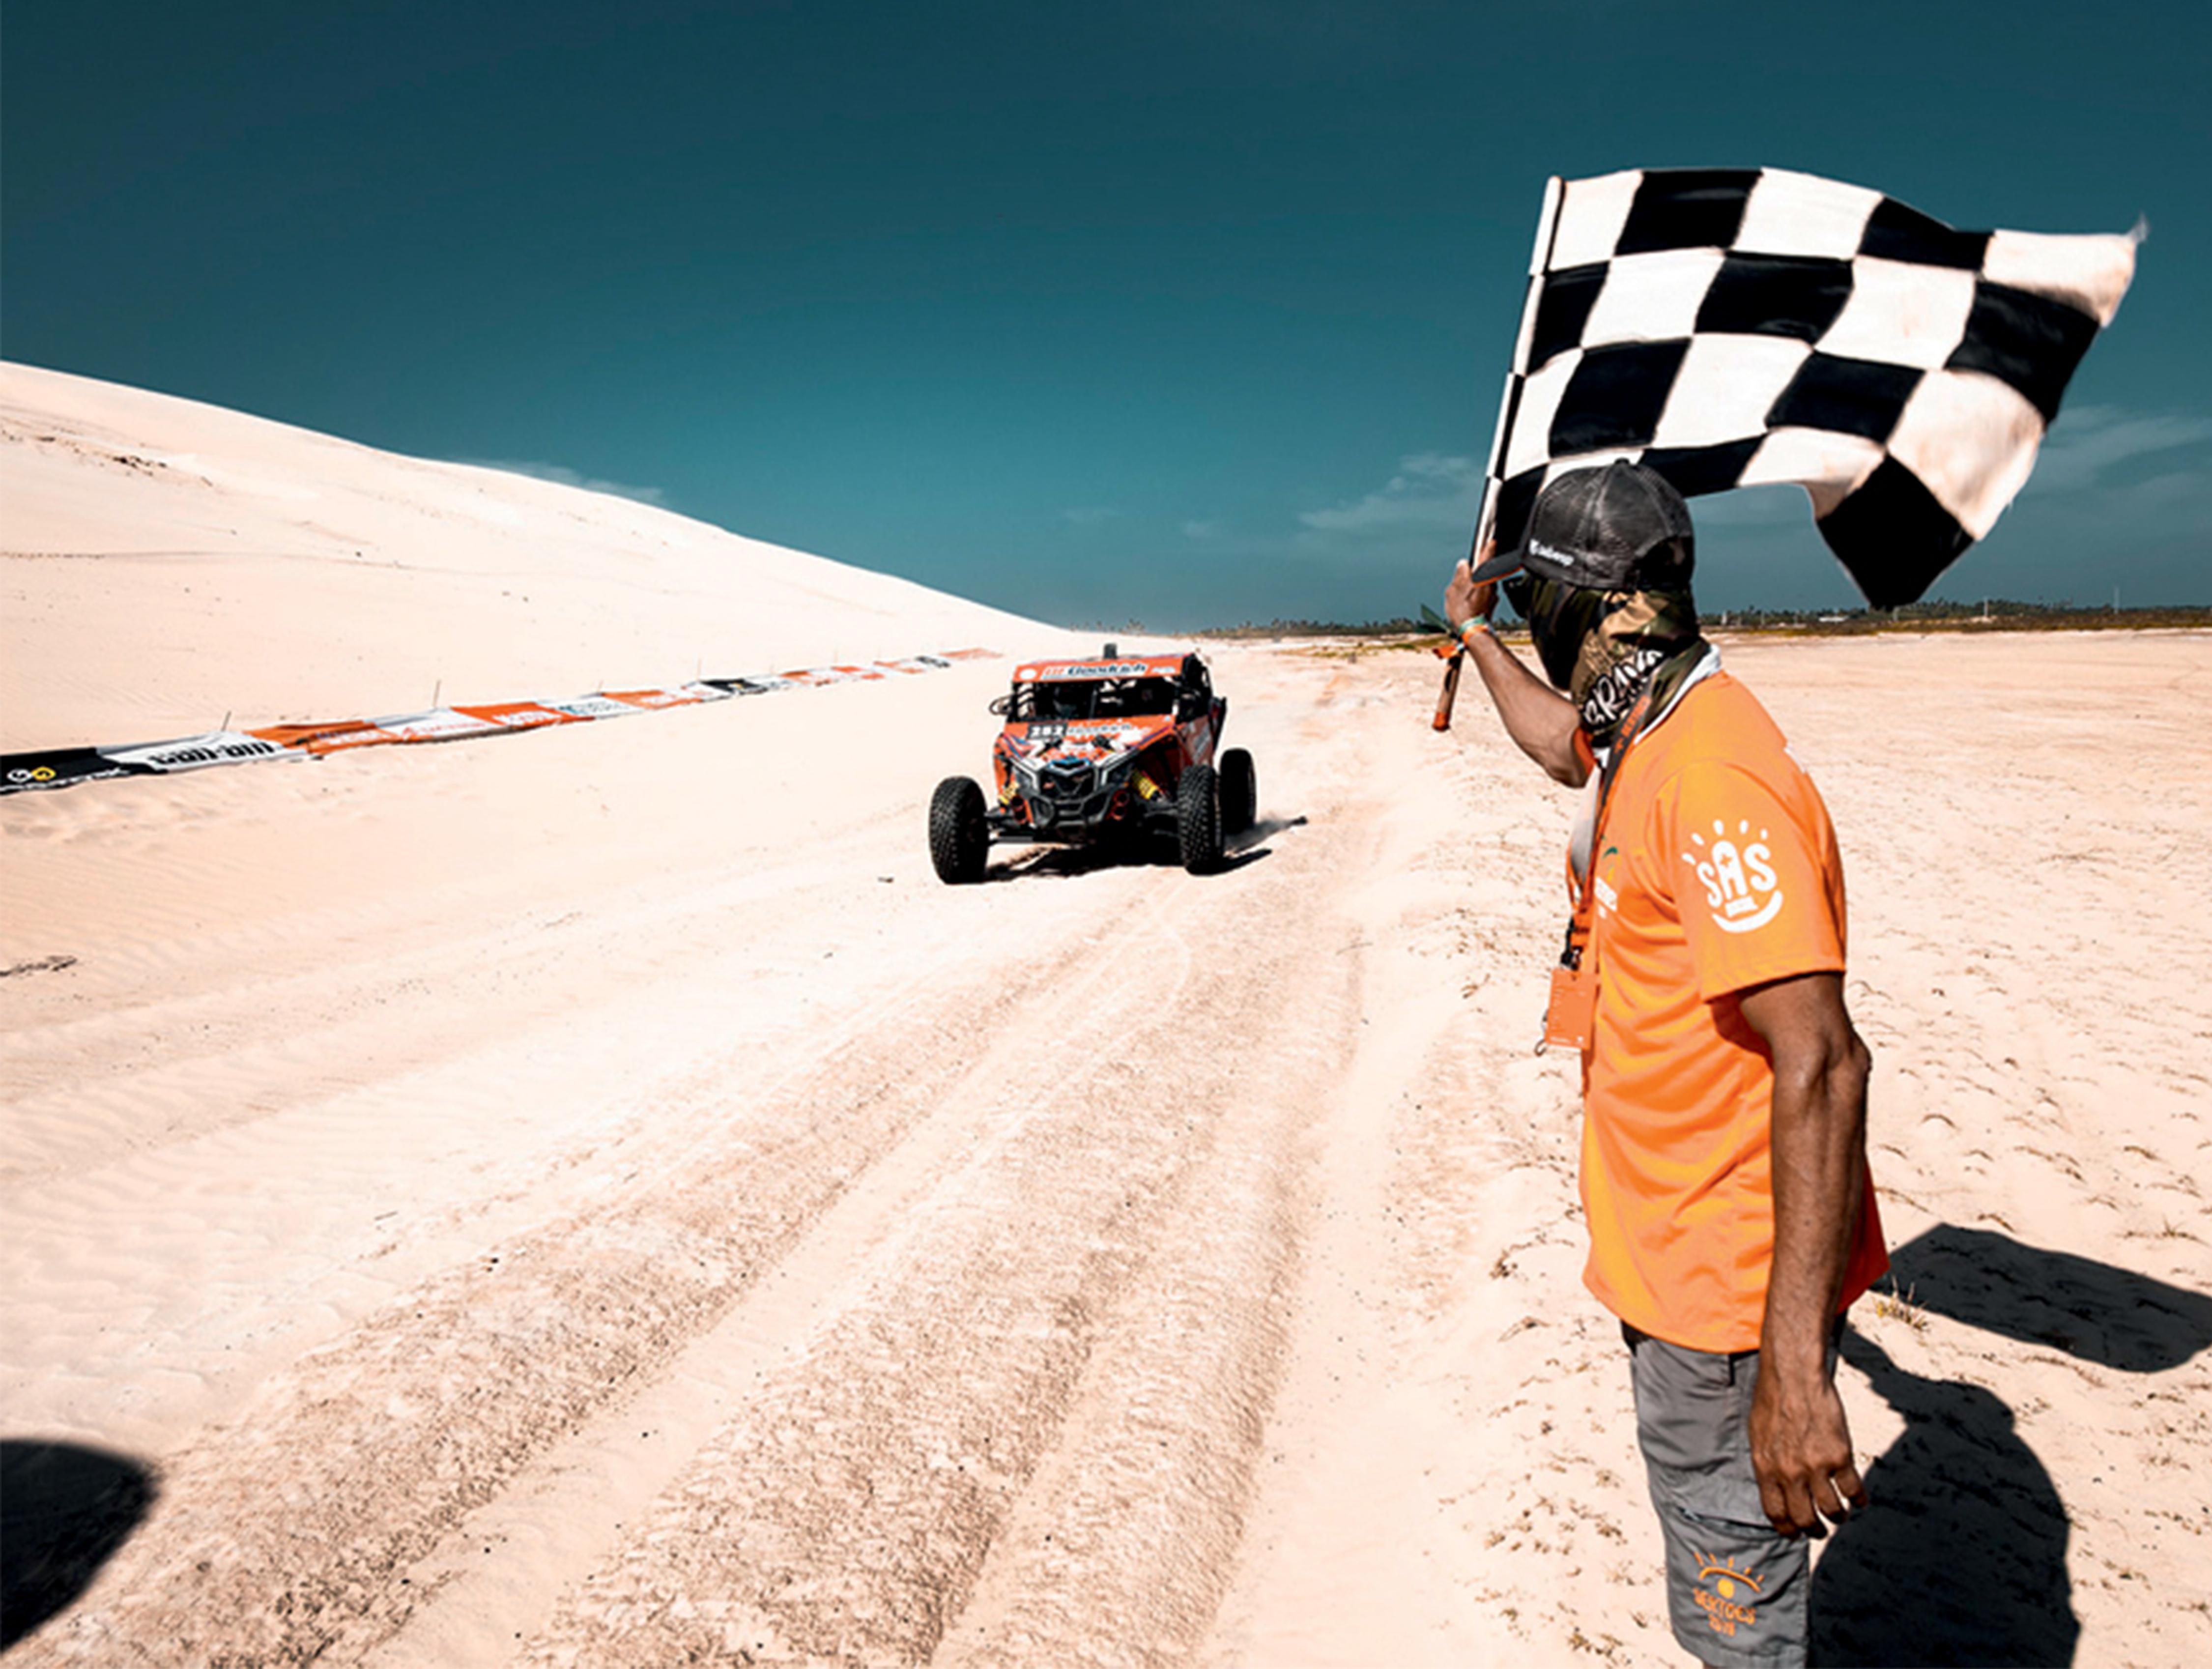 Em um terreno arenoso bem claro, um carro corre e se aproxima da bandeirada, dada por um homem de camiseta laranja